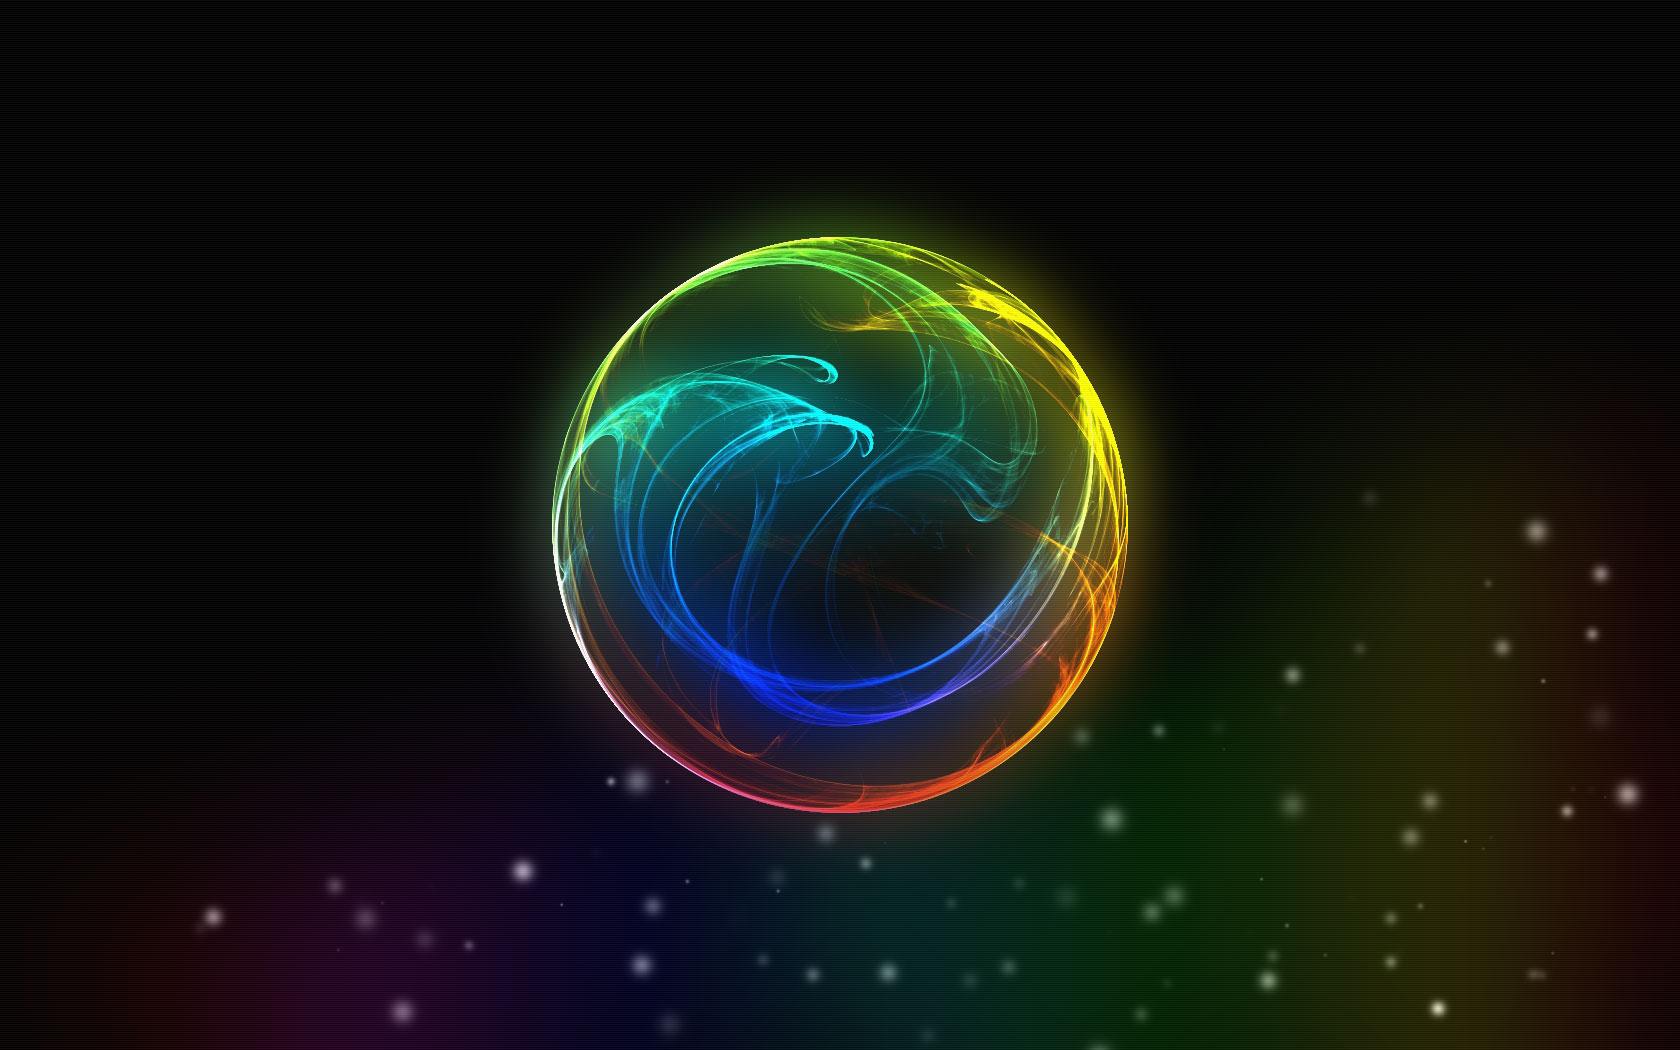 Neon Light Ball Wallpapers Neon Light Ball Myspace Backgrounds Neon 1680x1050